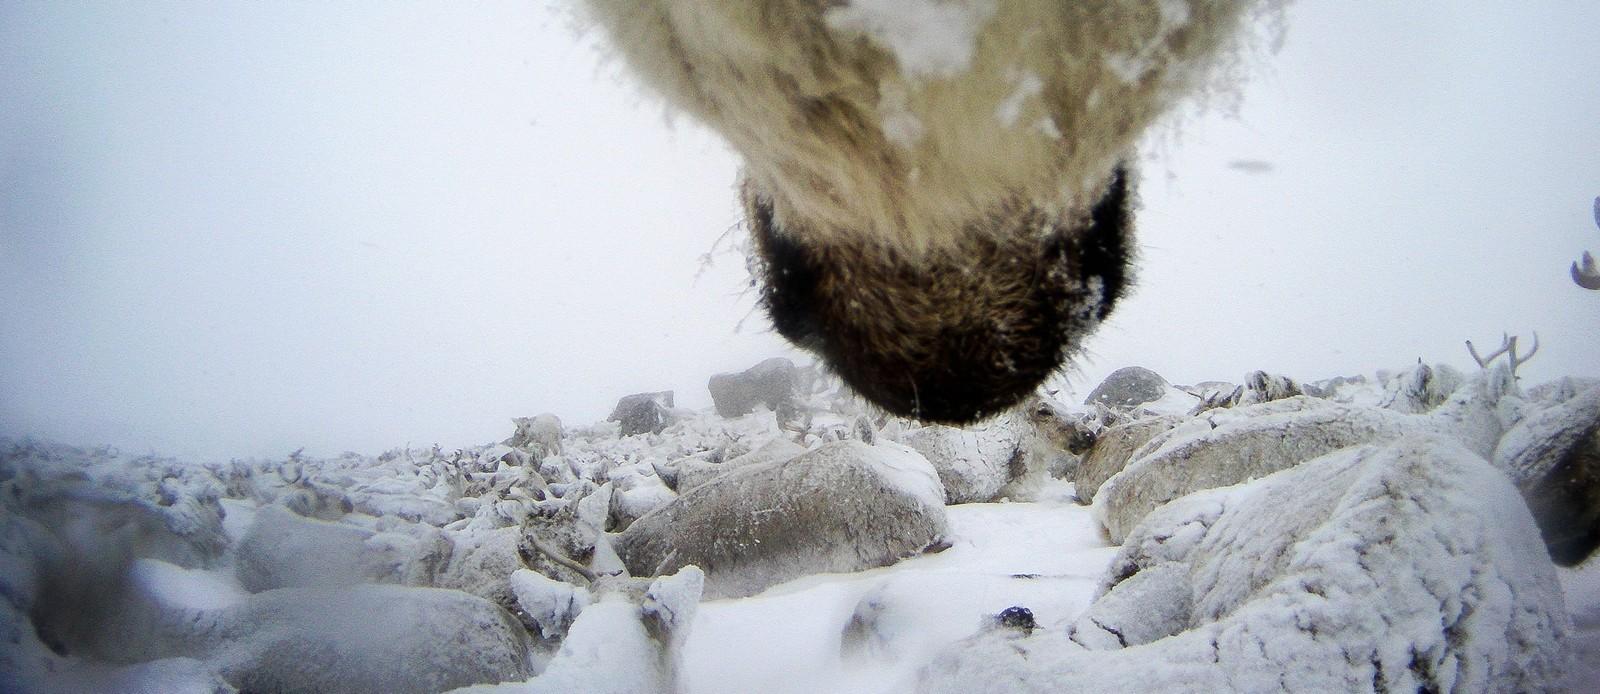 Denne flokken har lagt seg ned i det dårlige været, og lar seg rett og slett snø ned.